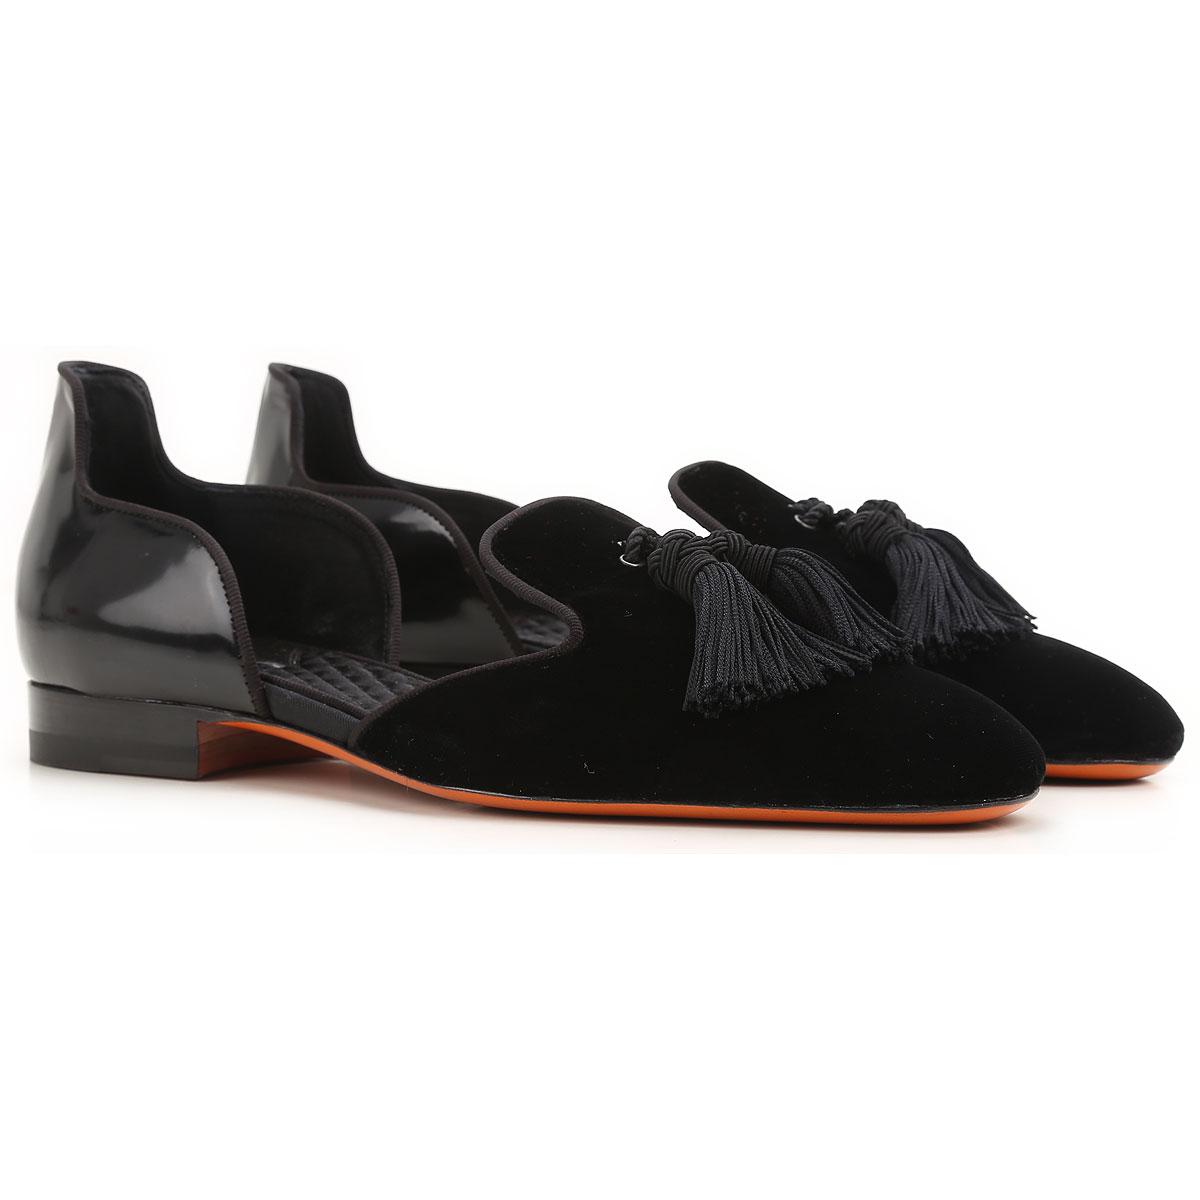 Image of Santoni Ballet Flats Ballerina Shoes for Women On Sale in Outlet, Black, Velvet, 2017, 10 7 8